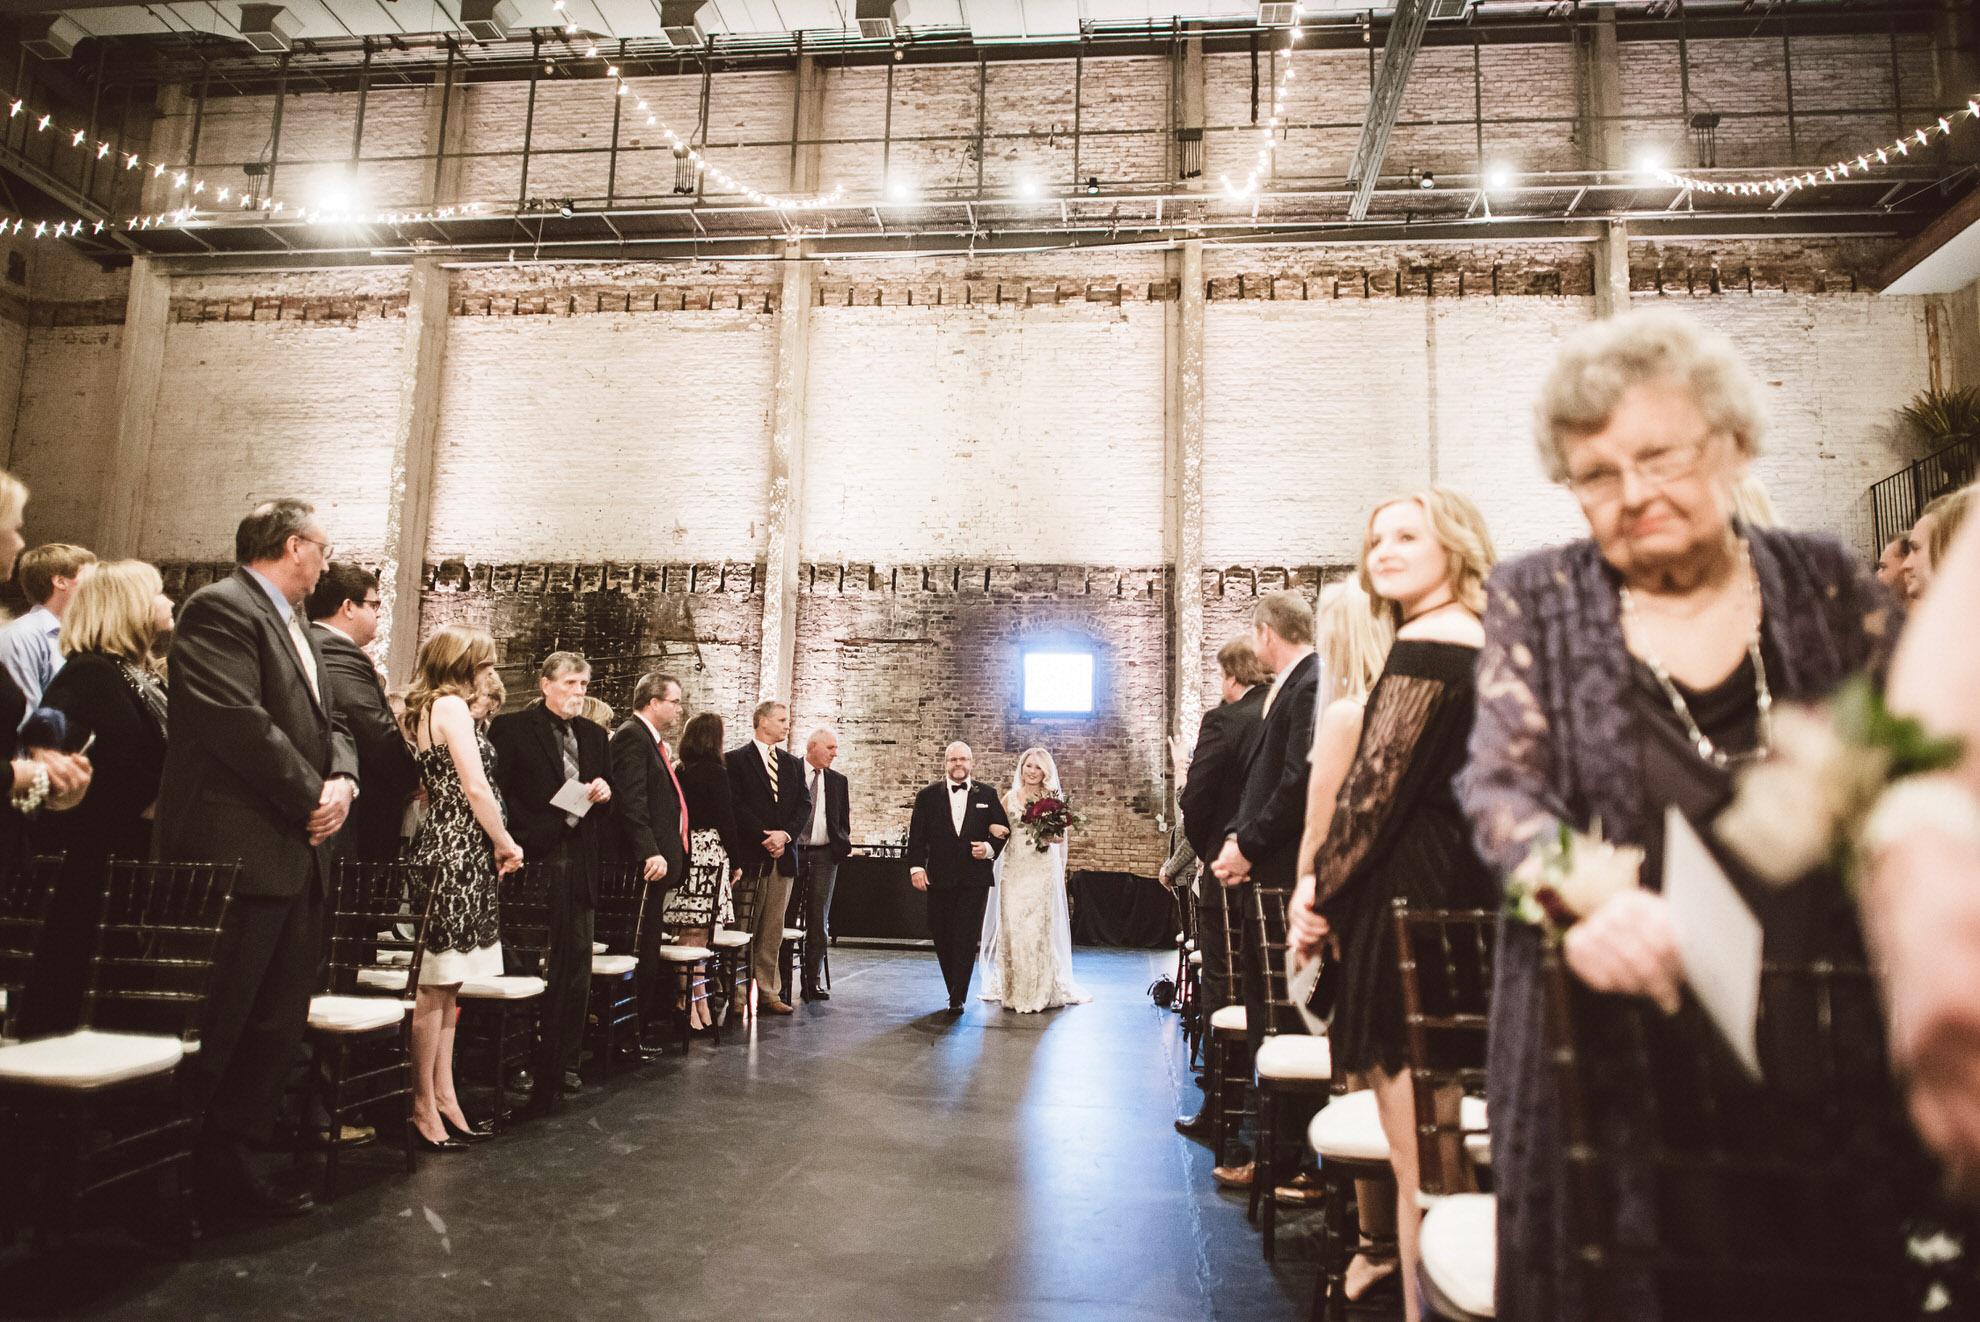 erika_Alex_wedding_by_lucas_botz_photography_0390.jpg